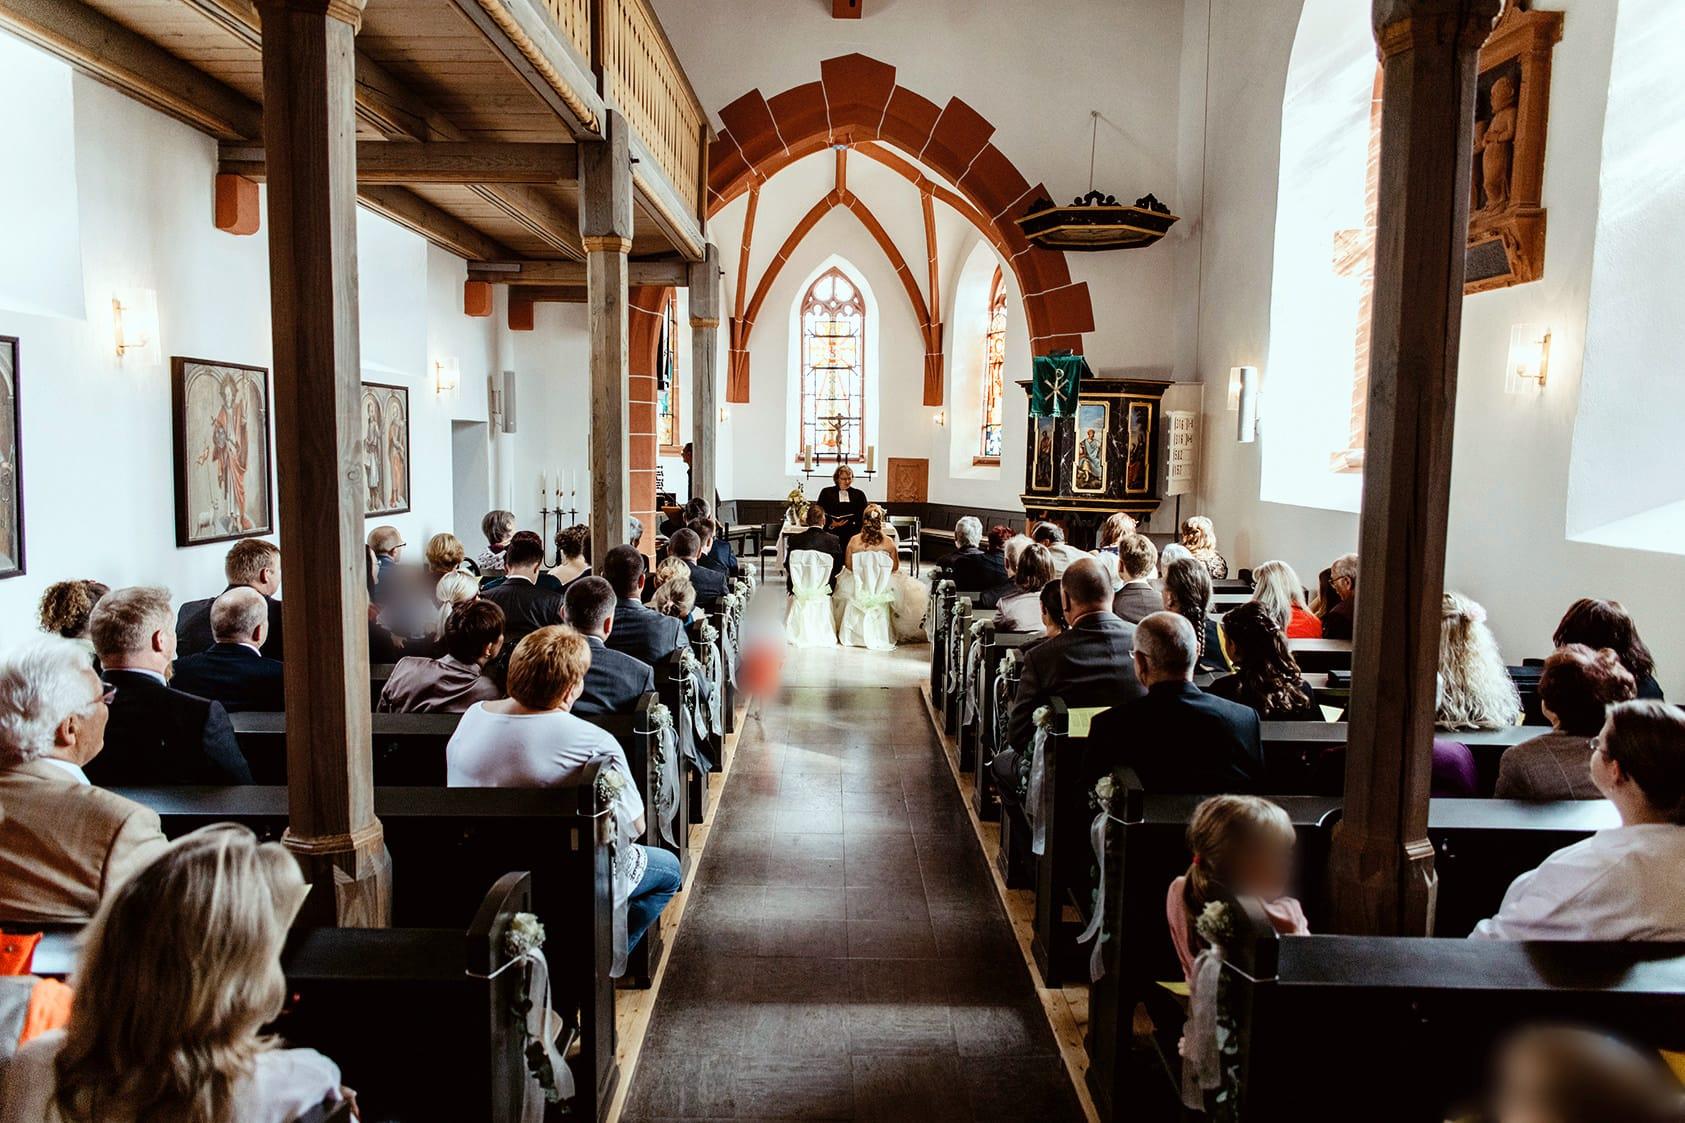 Hochzeitsreportage-Darmstadt-Heiraten-Hochzeitsfotograf-Katharina-zwerger-Pinetree-photography-hochzeit-odenwald-lautertal-Bullihochzeit